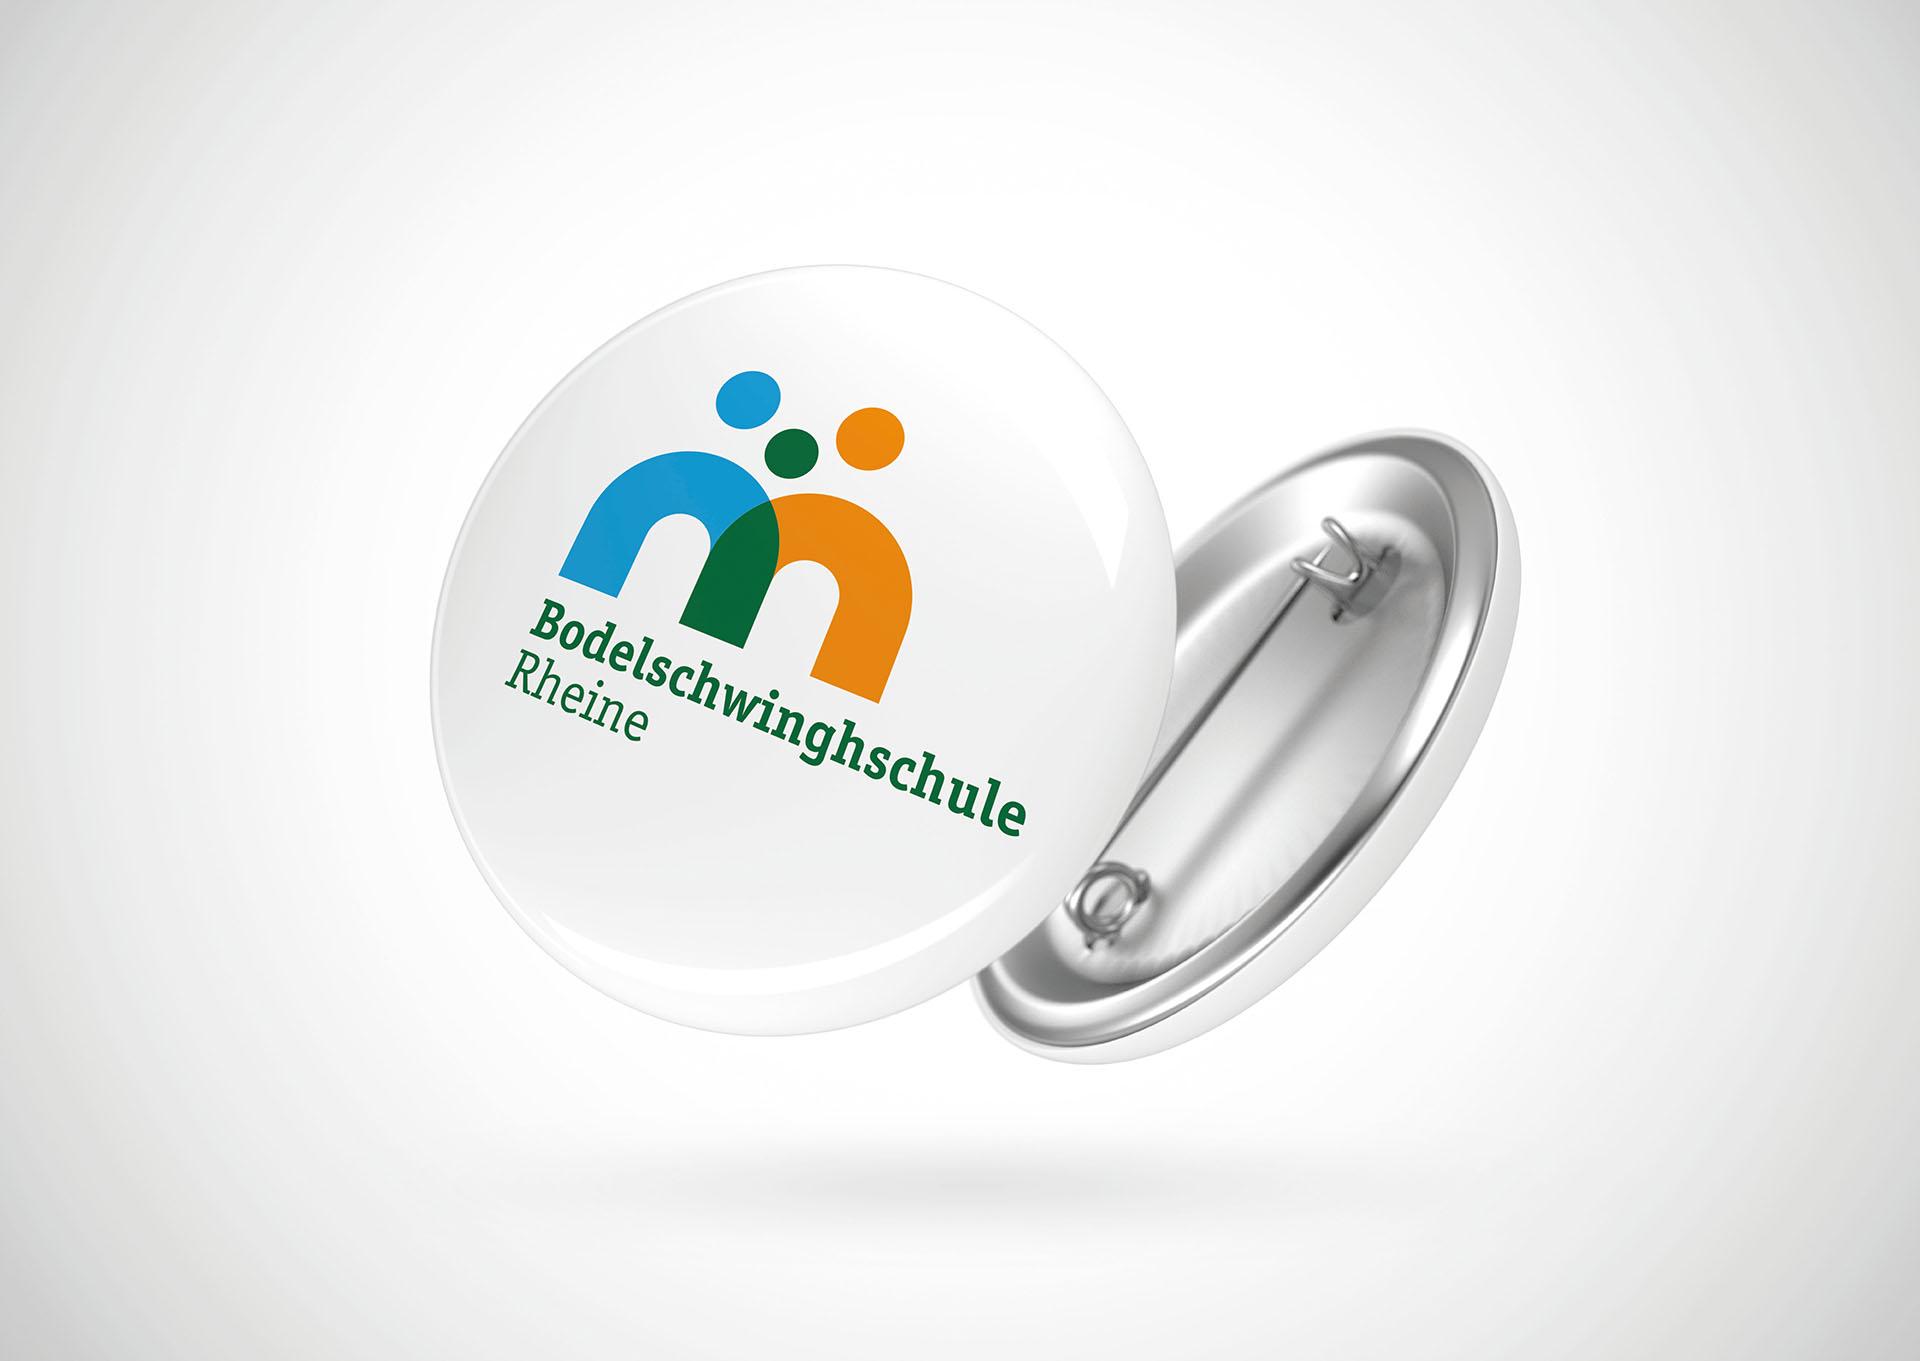 Das neue Logo der Bodelschwinghschule auf einem Button